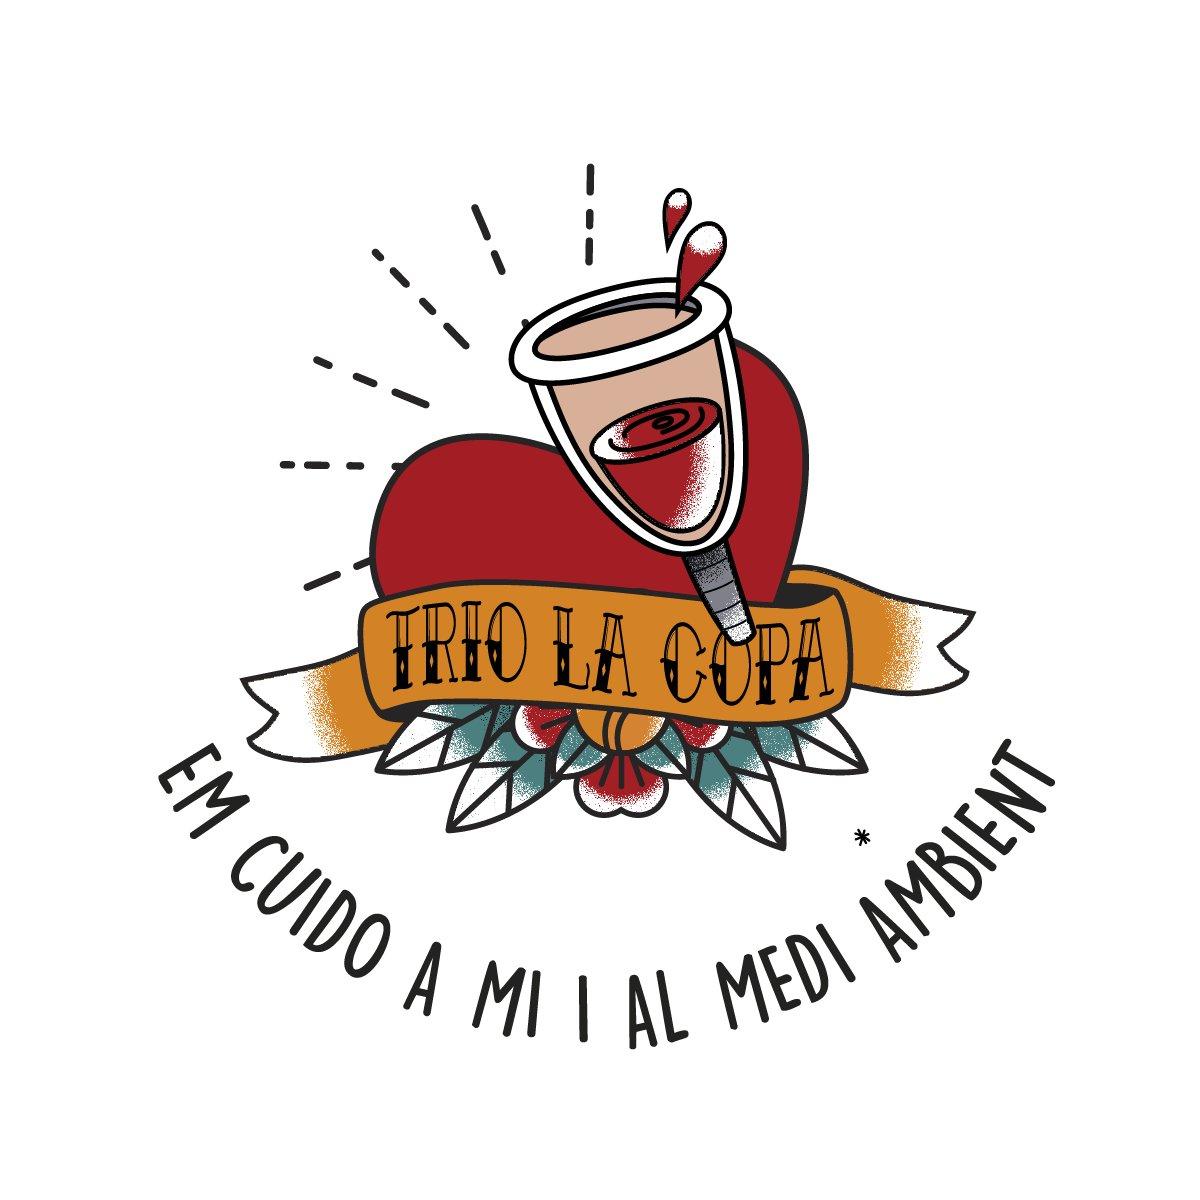 🩸Ja coneixes els beneficis de la copa menstrual?🩸  ♀️NOVA DATA DE TALLER 👉 29 de setembre  (Properament NOVES dates)  ✨ Si tens entre 16 i 25 anys, ja pots reservar la teva plaça a https://t.co/Mh6OVppP6X…  #santcugat @albagordo @MarcoSz4 @GemmaAristoy @OhFICINA_JOVE